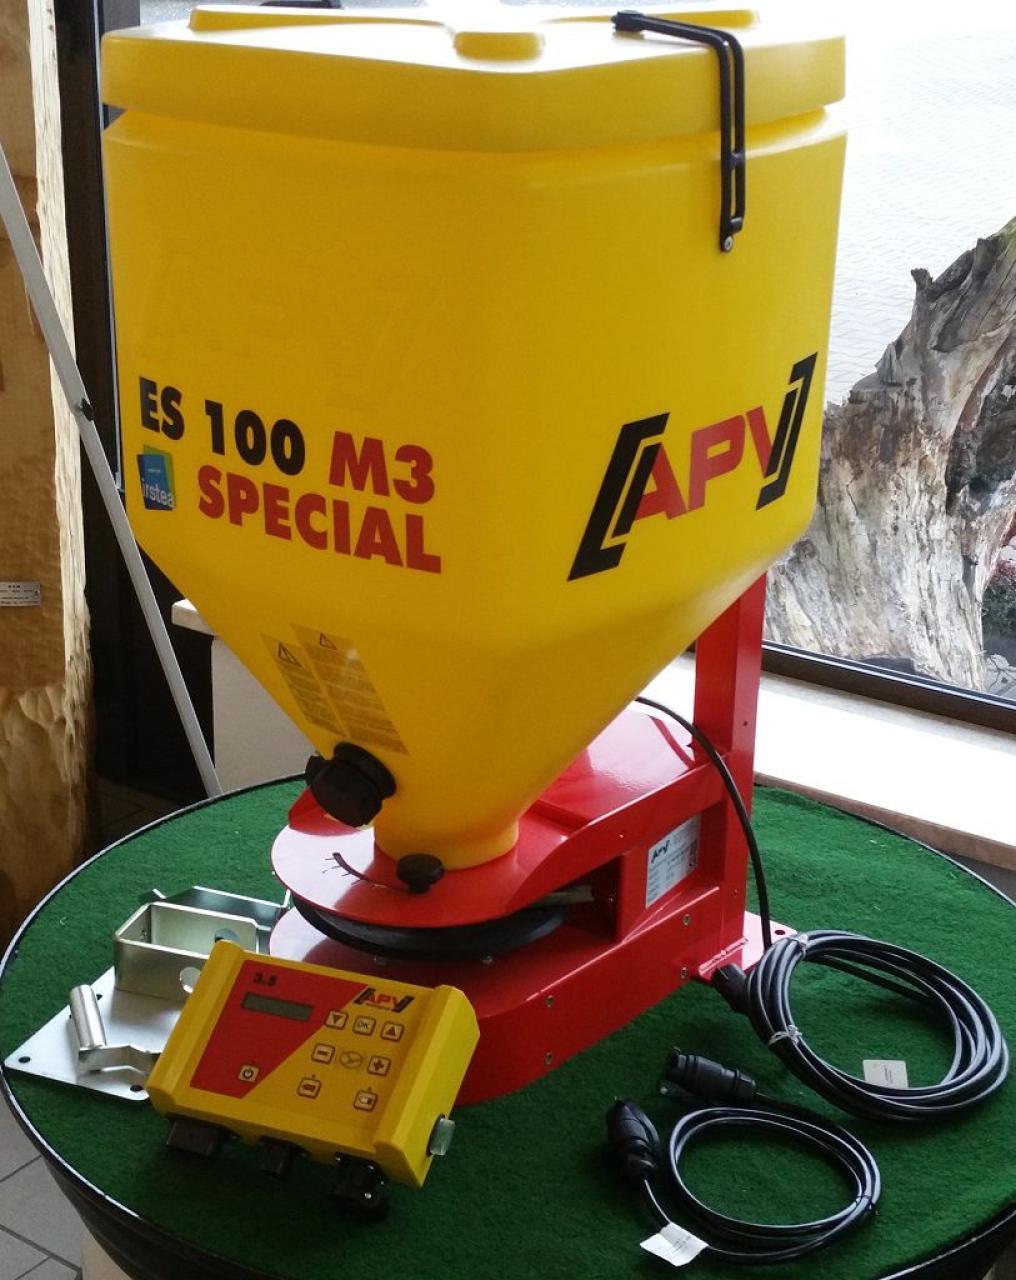 APV ES 100 M3 Special